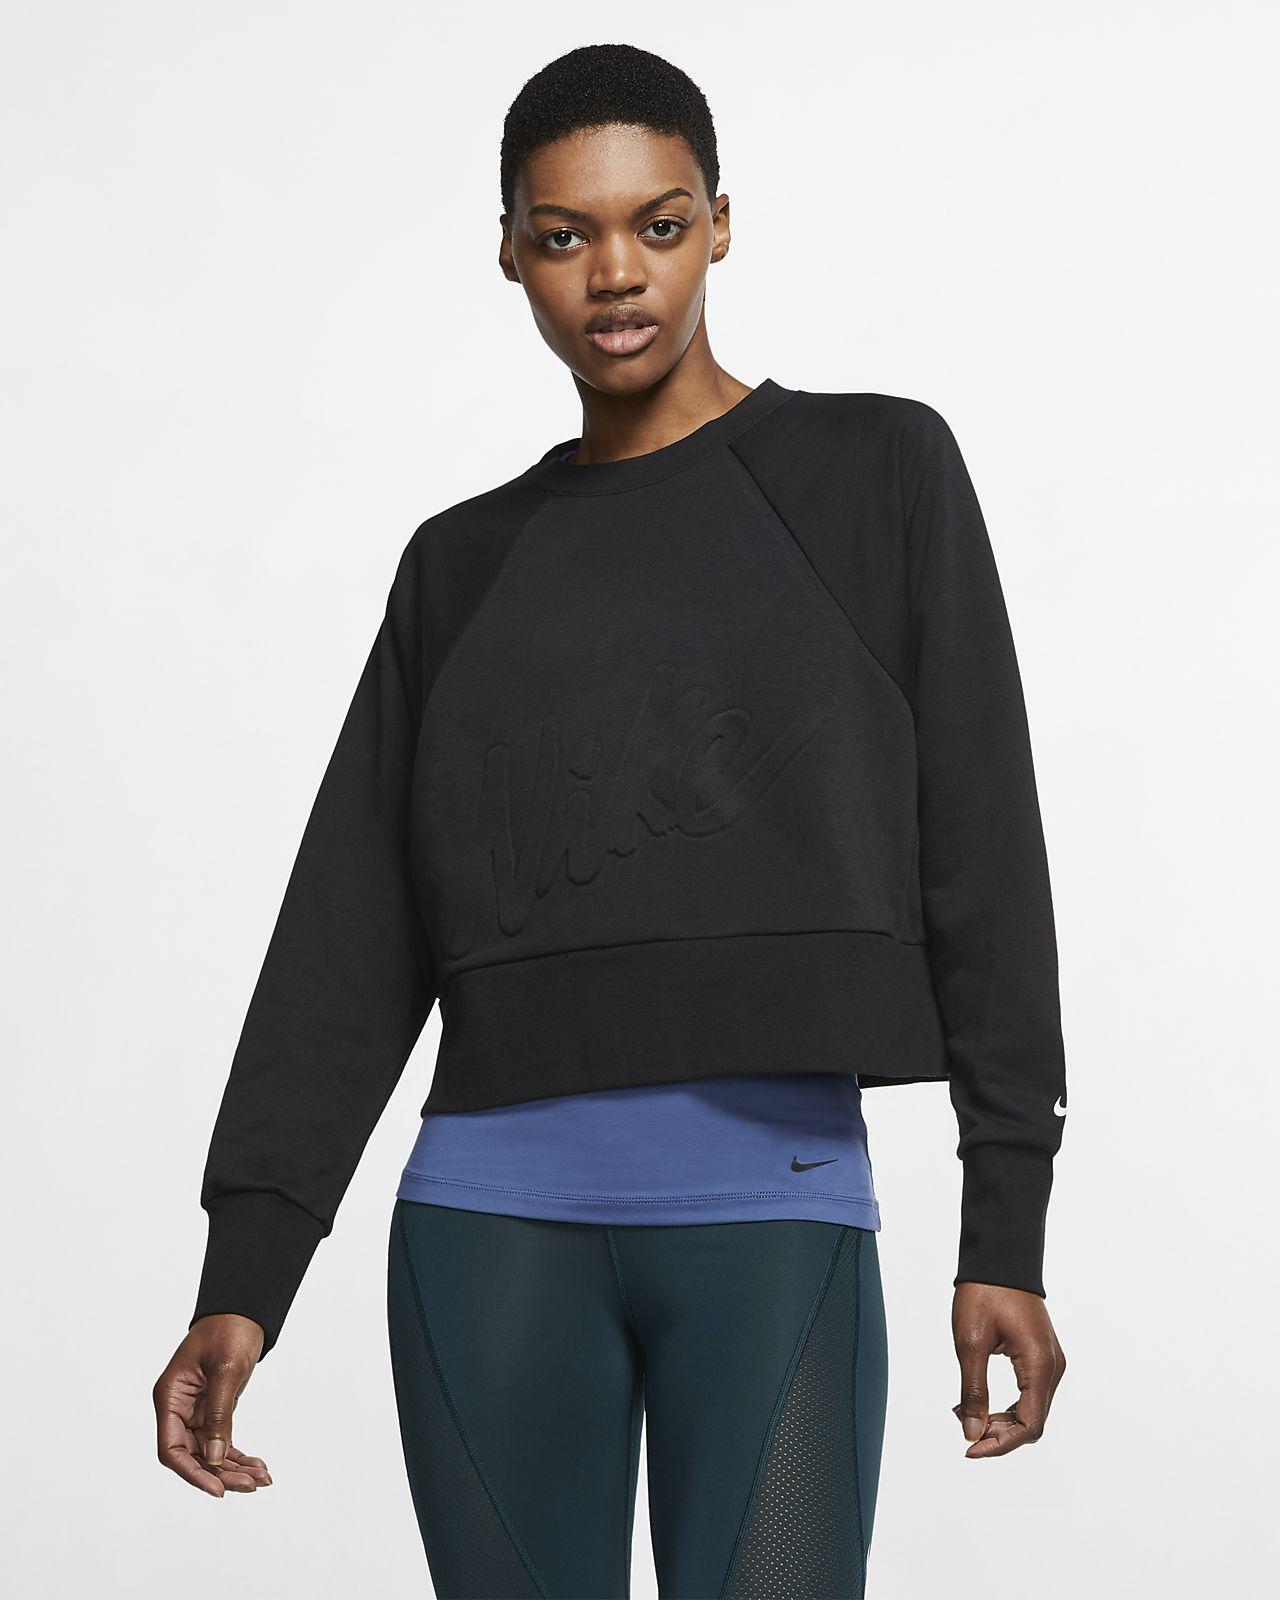 Nike Dri FIT Get Fit Fleece Trainings Hoodie mit